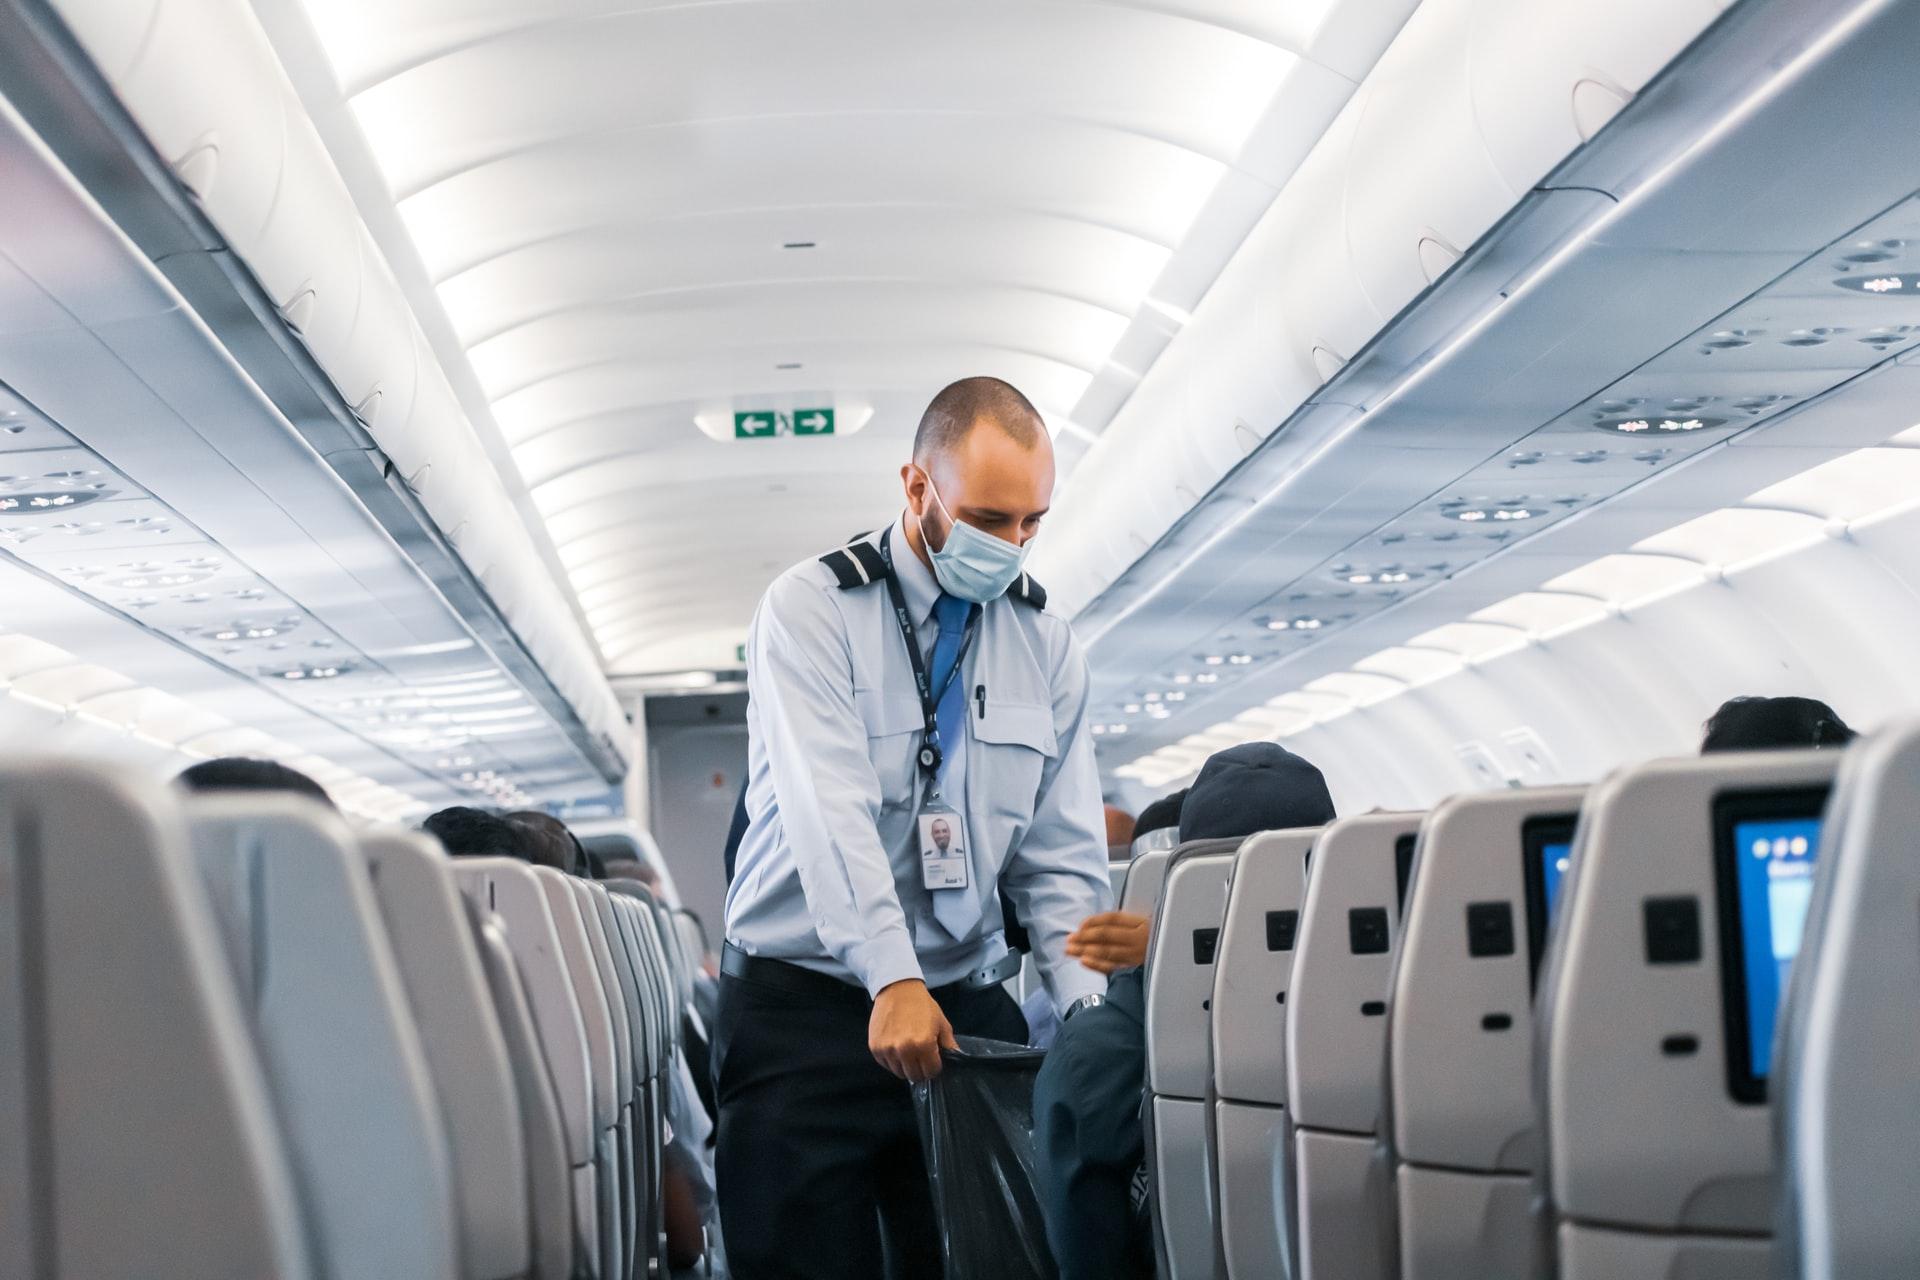 Comissário de bordo com máscara em viagem na pandemia